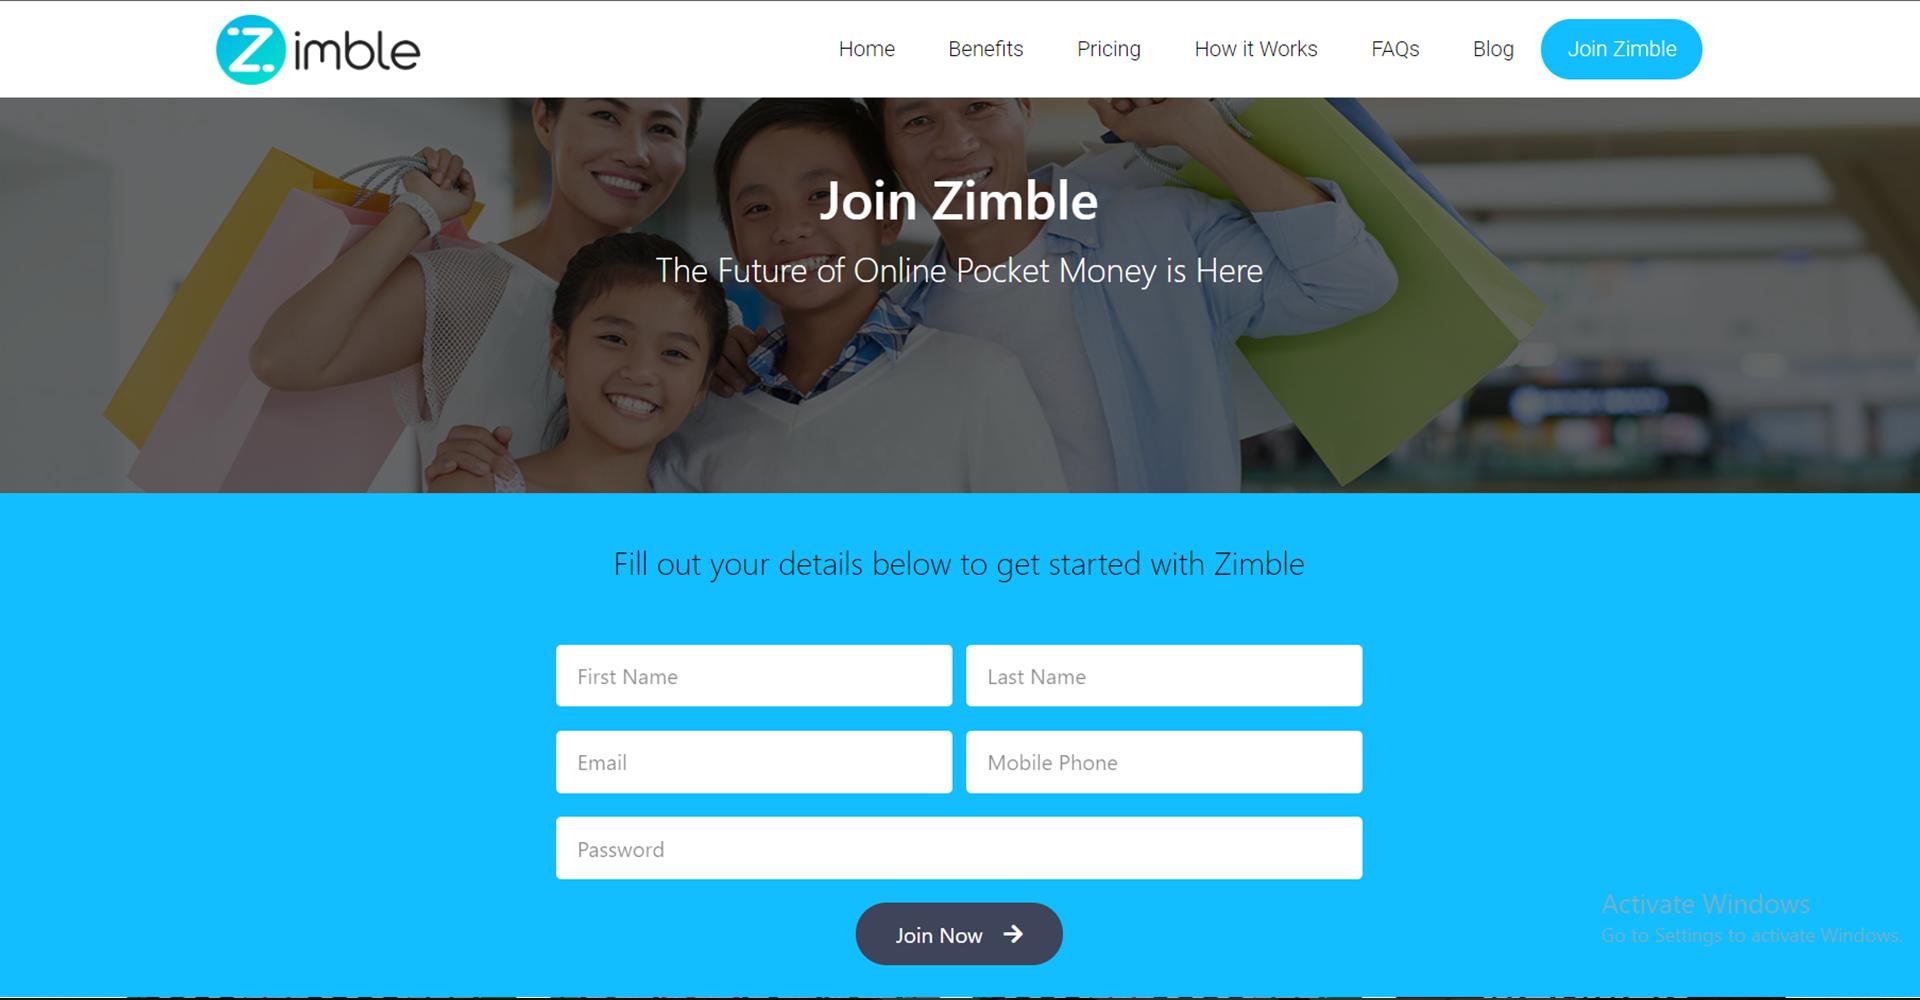 Zimble Signup Page